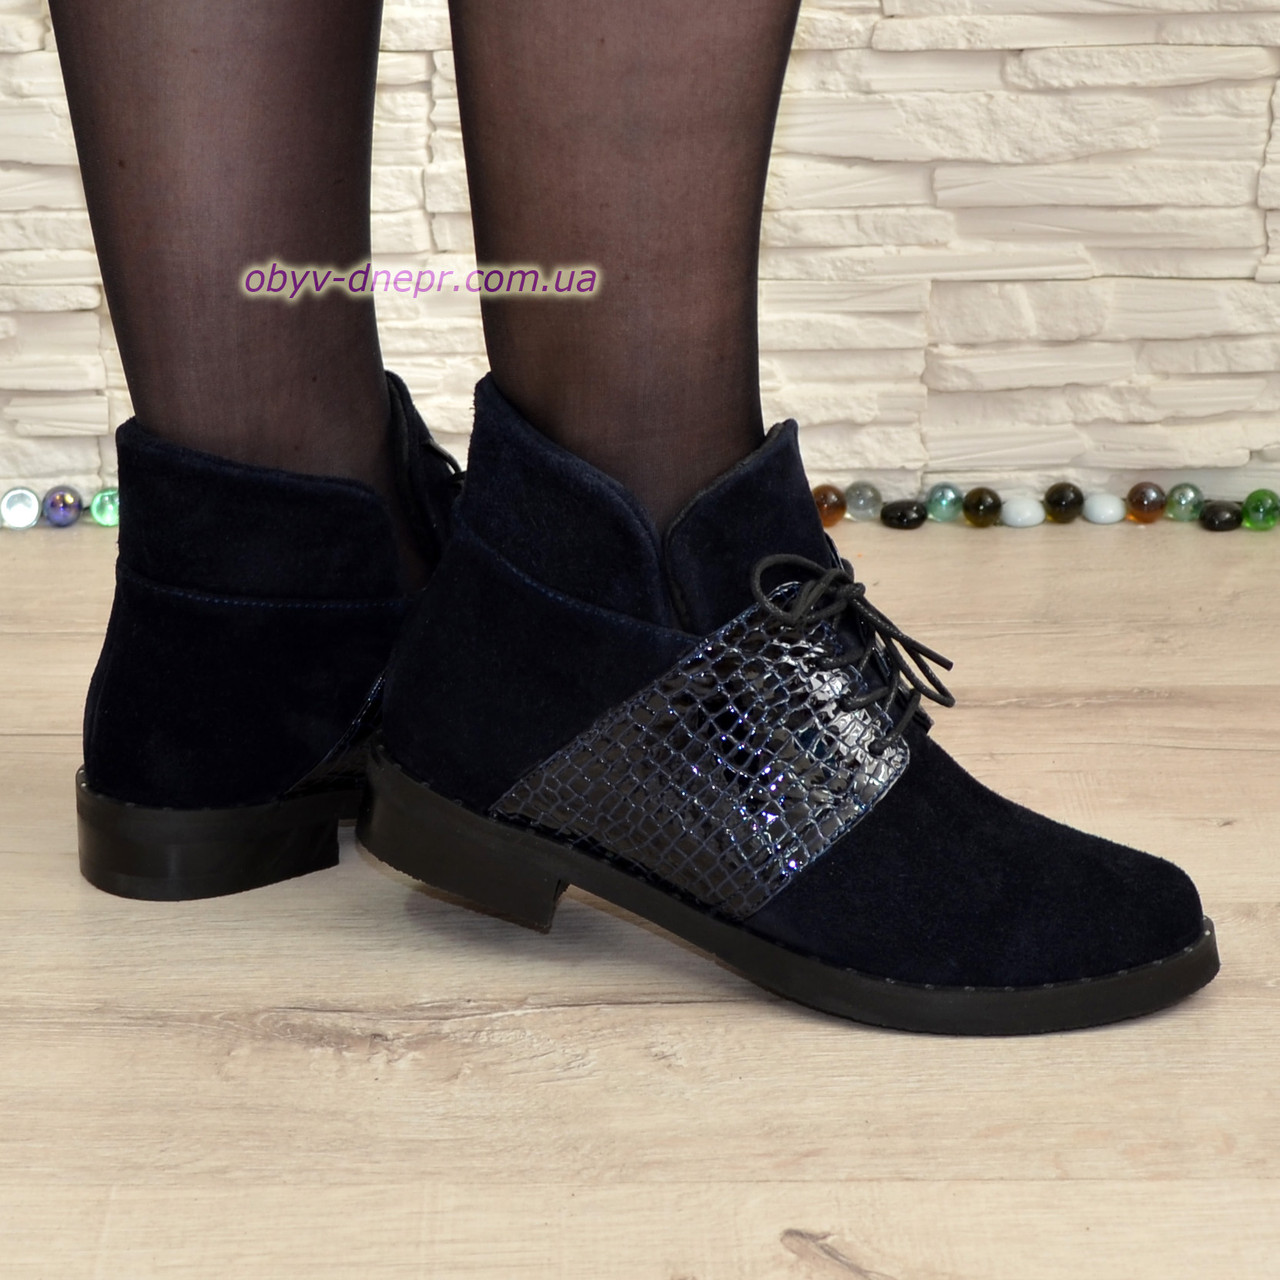 Ботинки женские   синие на невысоком каблуке